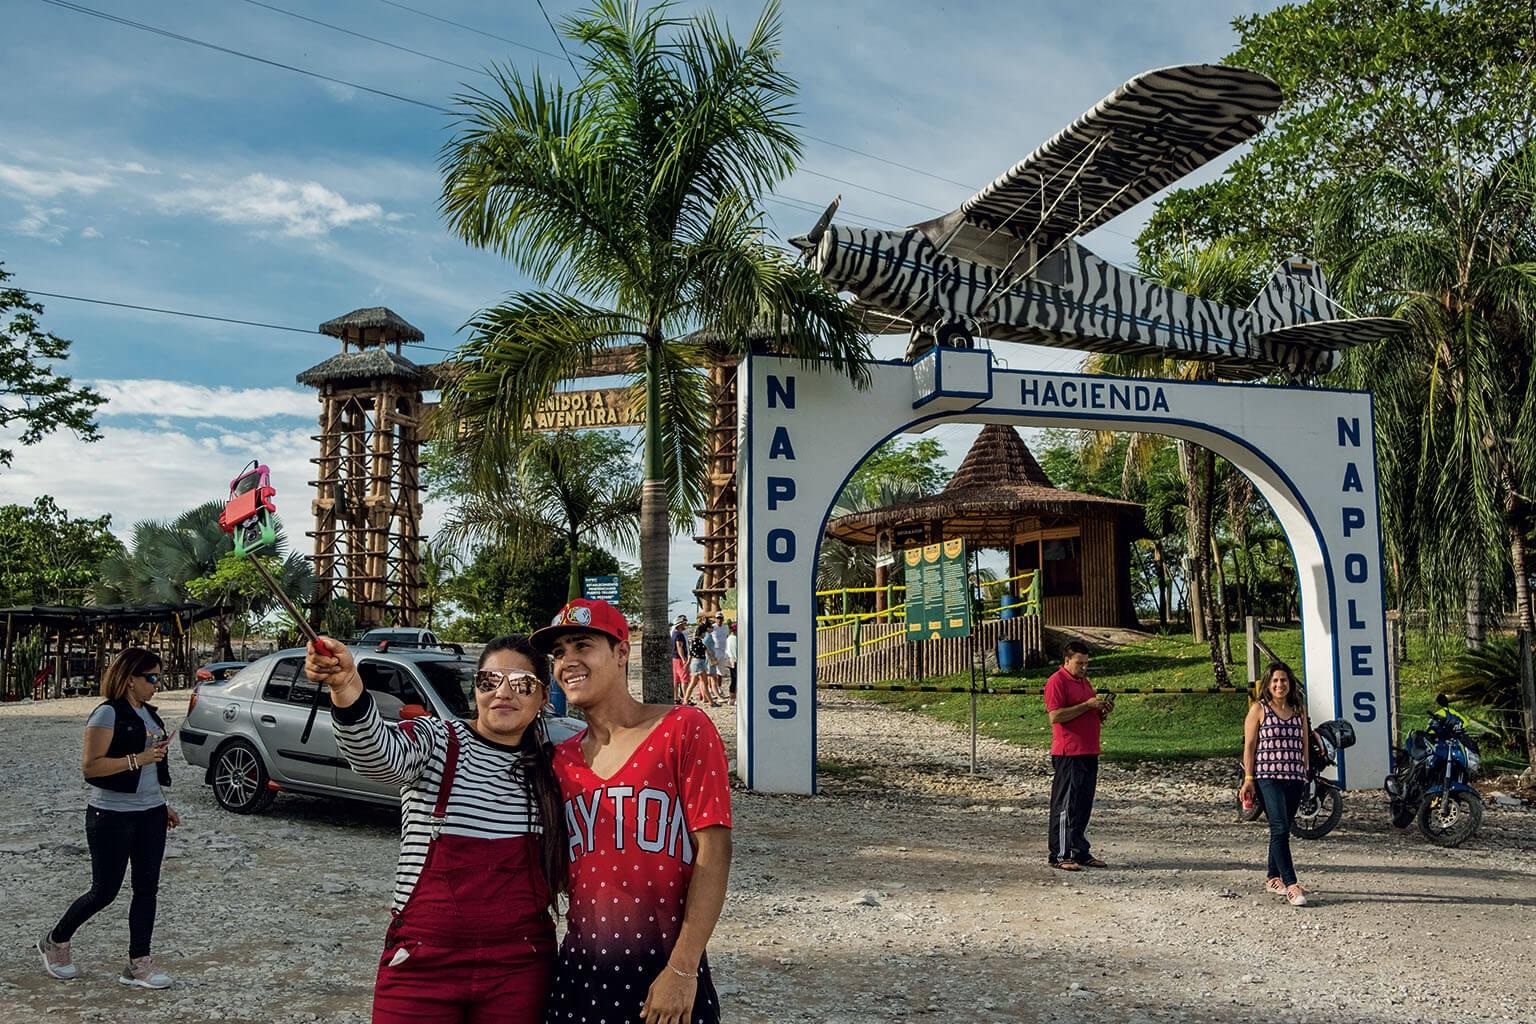 「那不勒斯莊園」入口的裝飾物中,有一架大毒梟巴勃羅.艾斯科巴曾用來走私古柯鹼的飛機。艾斯科巴這座曾經奢華的莊園,如今變成了一座主題公園,有動物展示、滑水道和恐龍雕像。 攝影:胡安.亞瑞唐多 Juan Arredondo